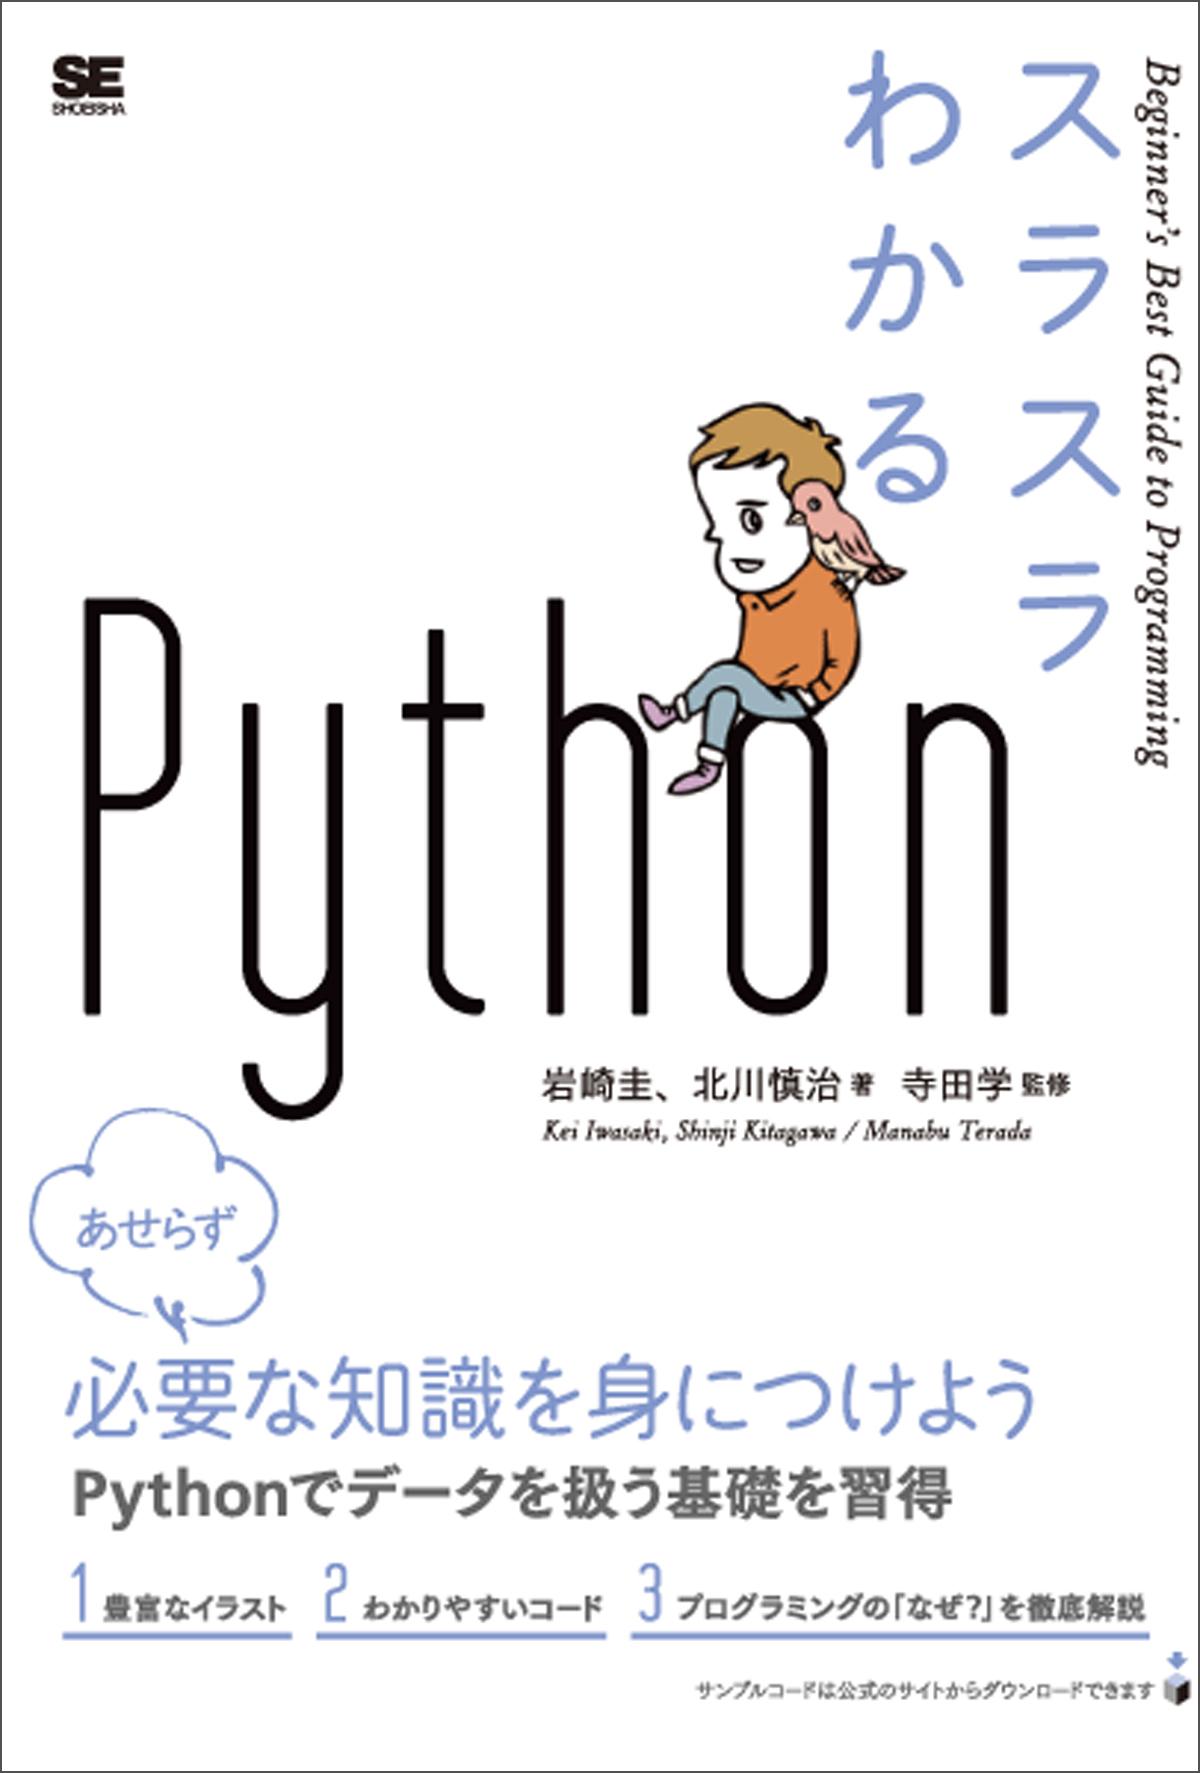 『スラスラわかるPython』(翔泳社)